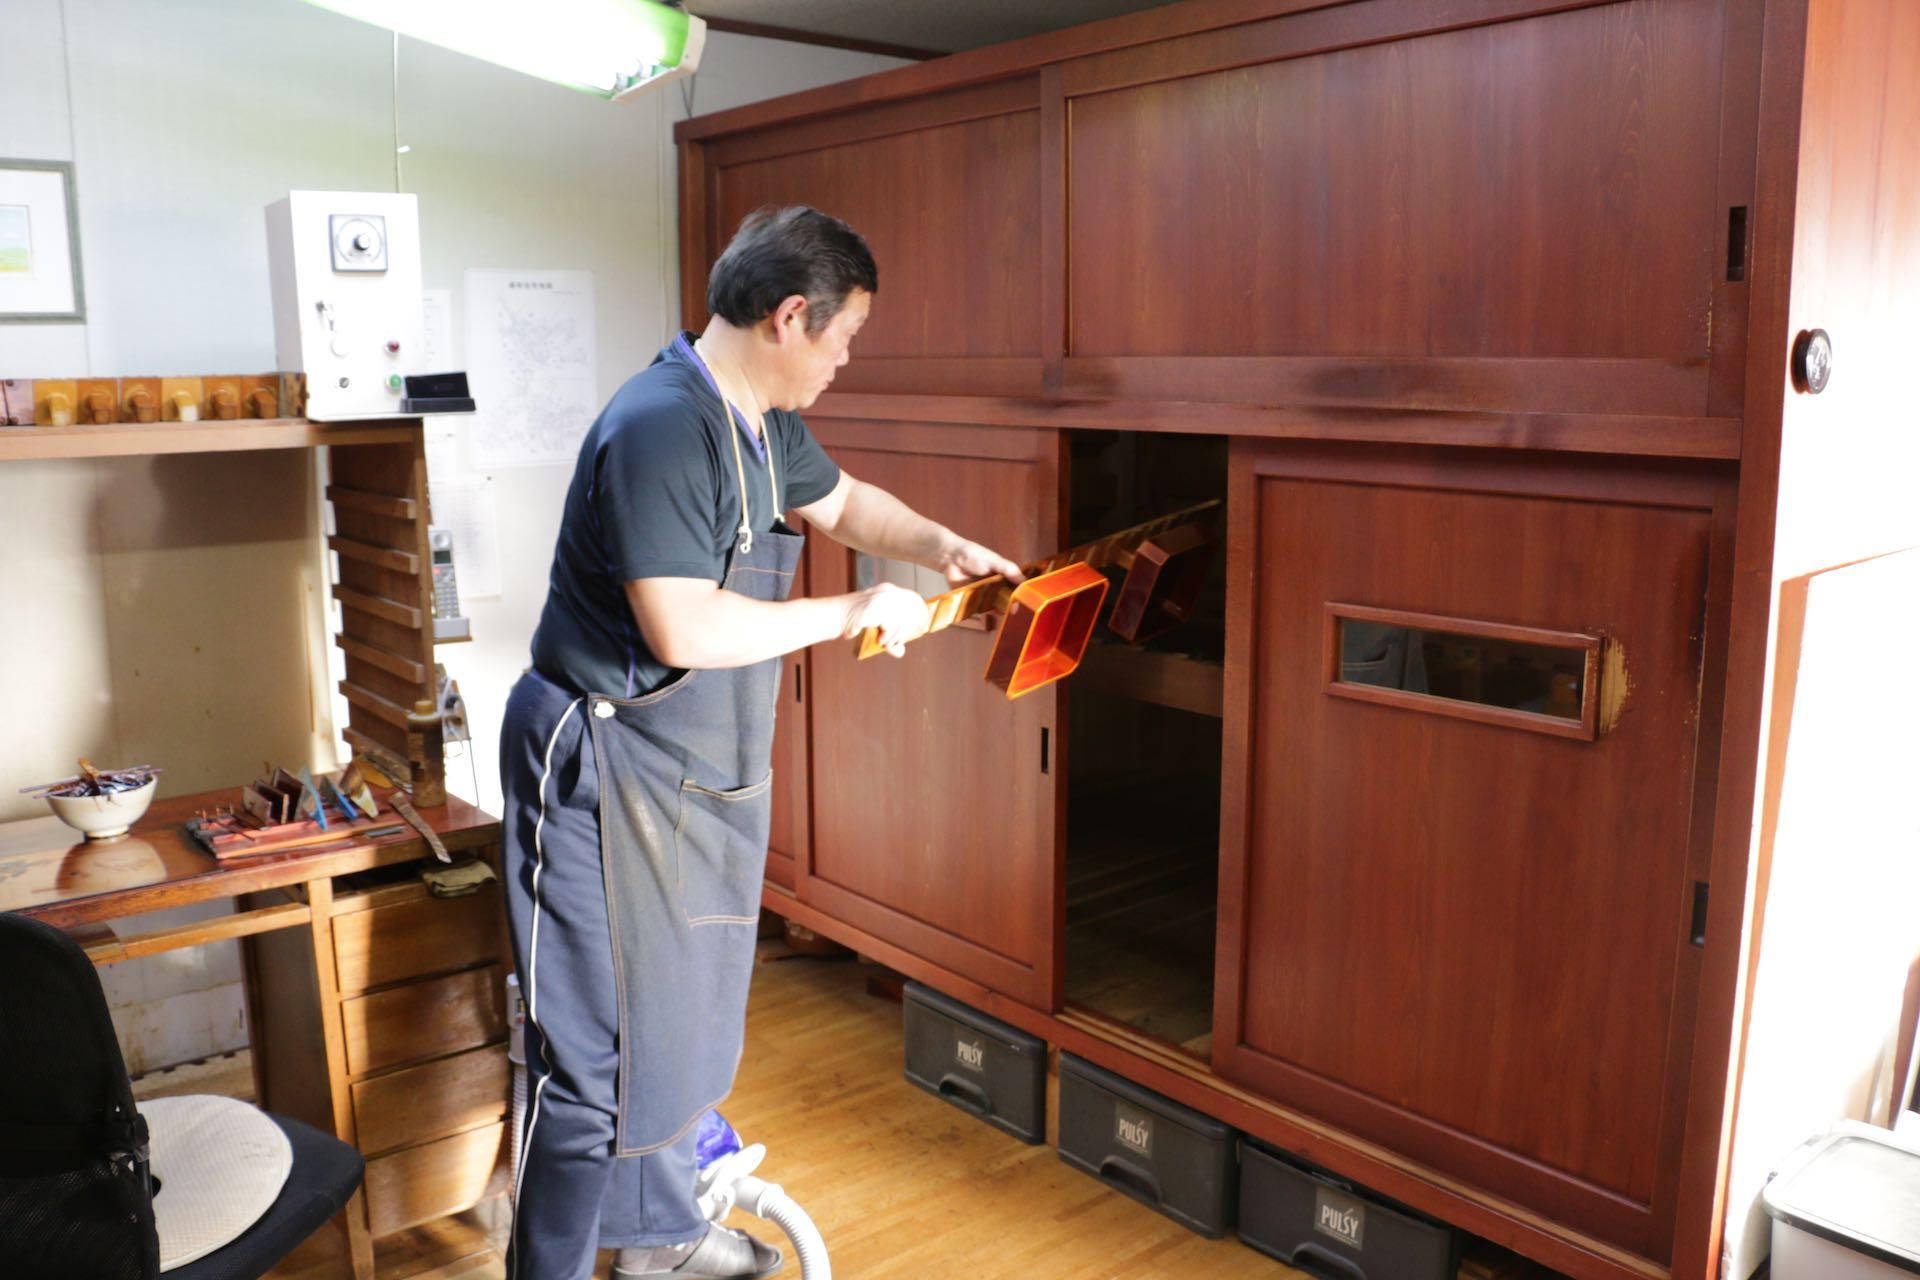 川原さんが上塗りを行う隣の部屋にも3台設置されています